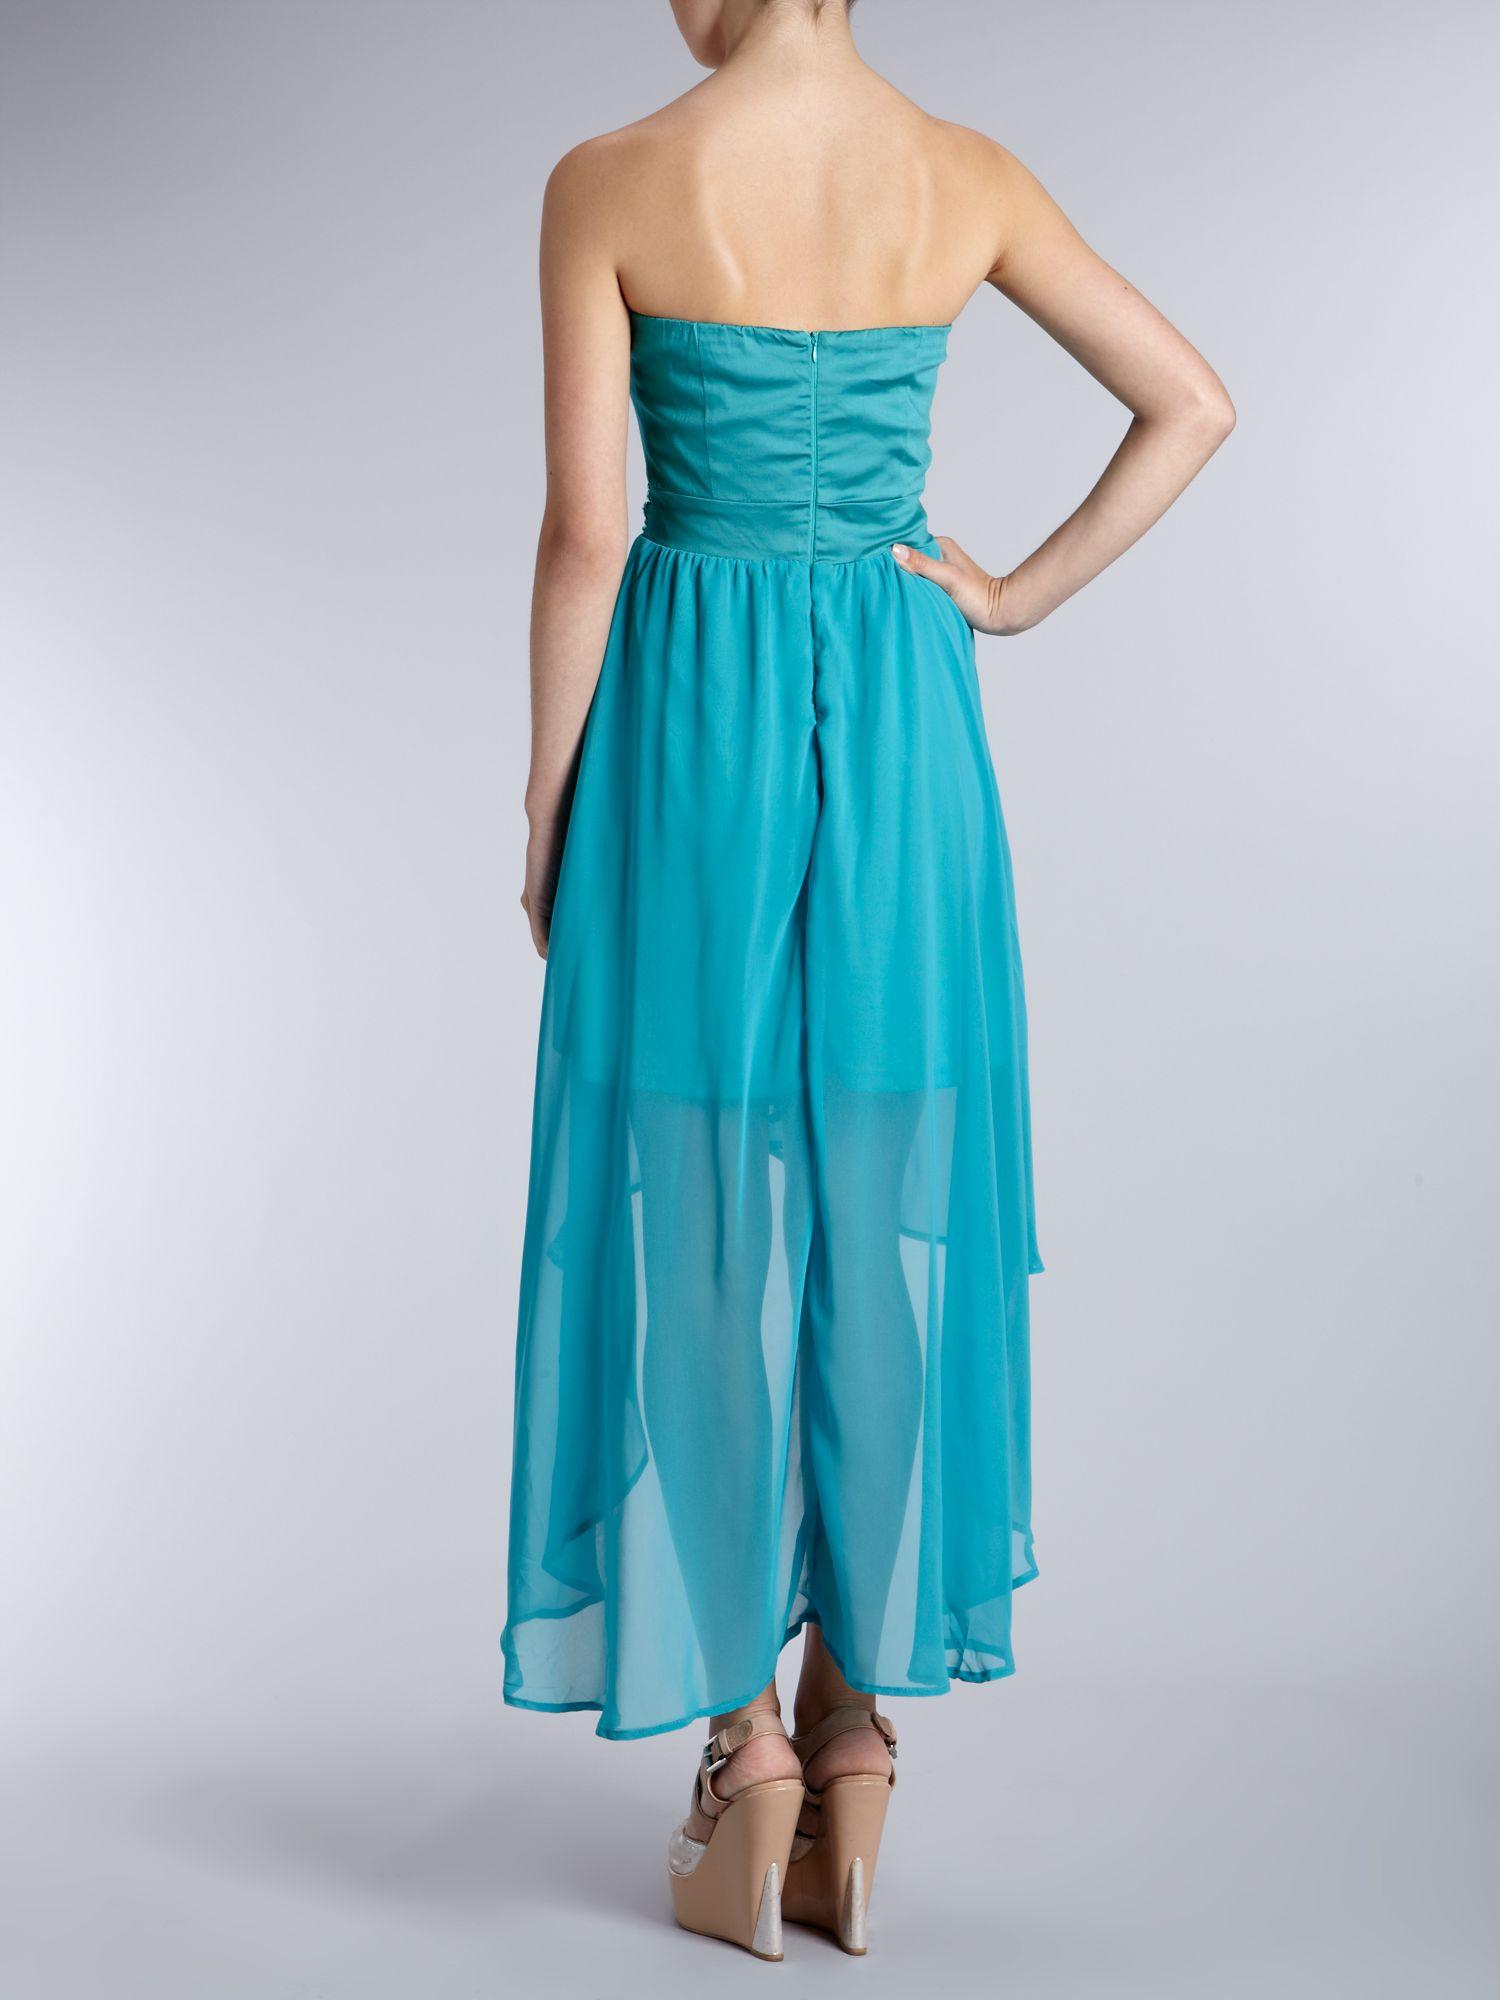 Ax Paris Ax Paris Jewel Drop Back Chiffon Dress in Blue - Lyst